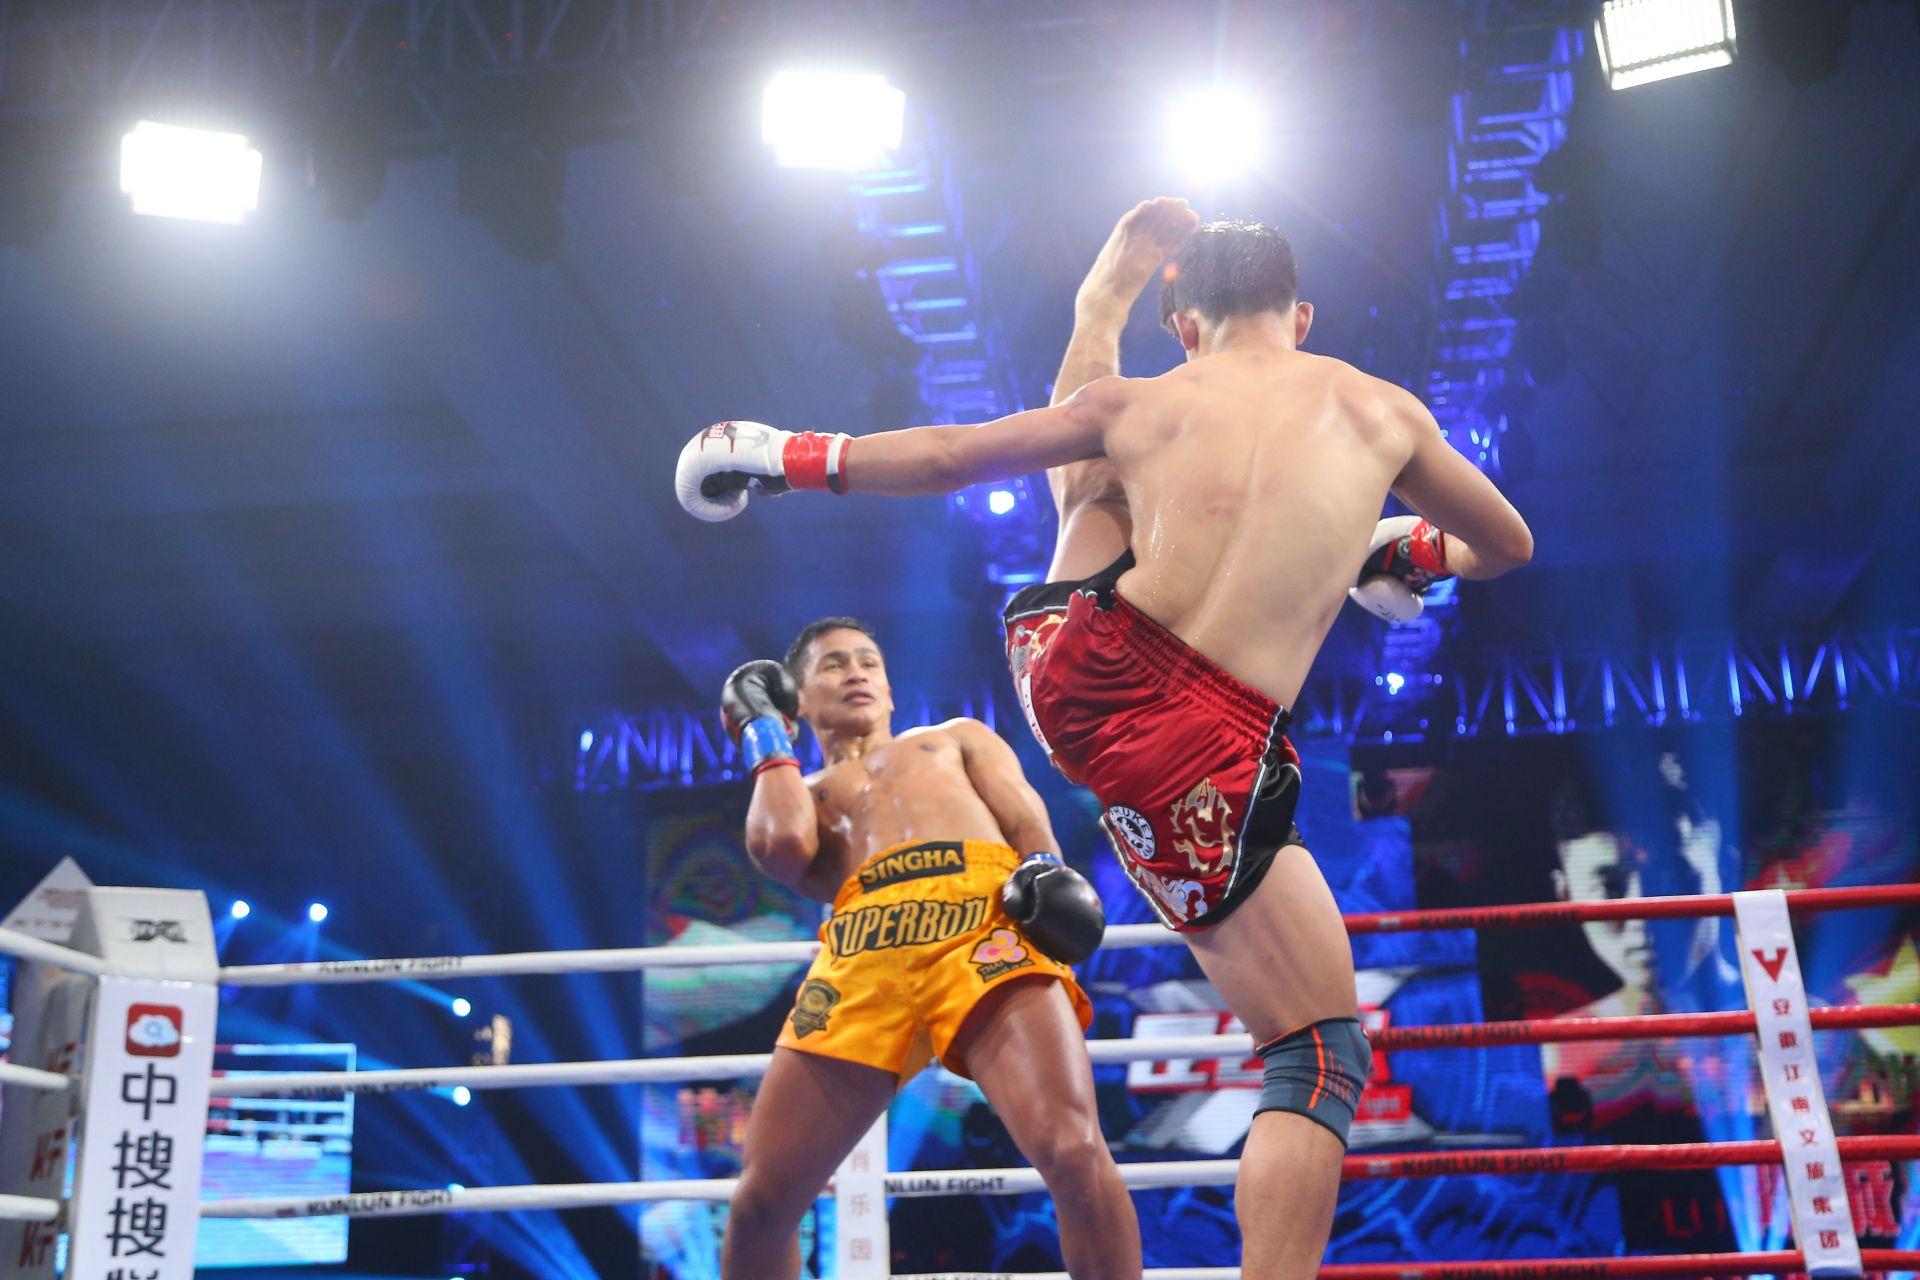 苏波邦vs陈城